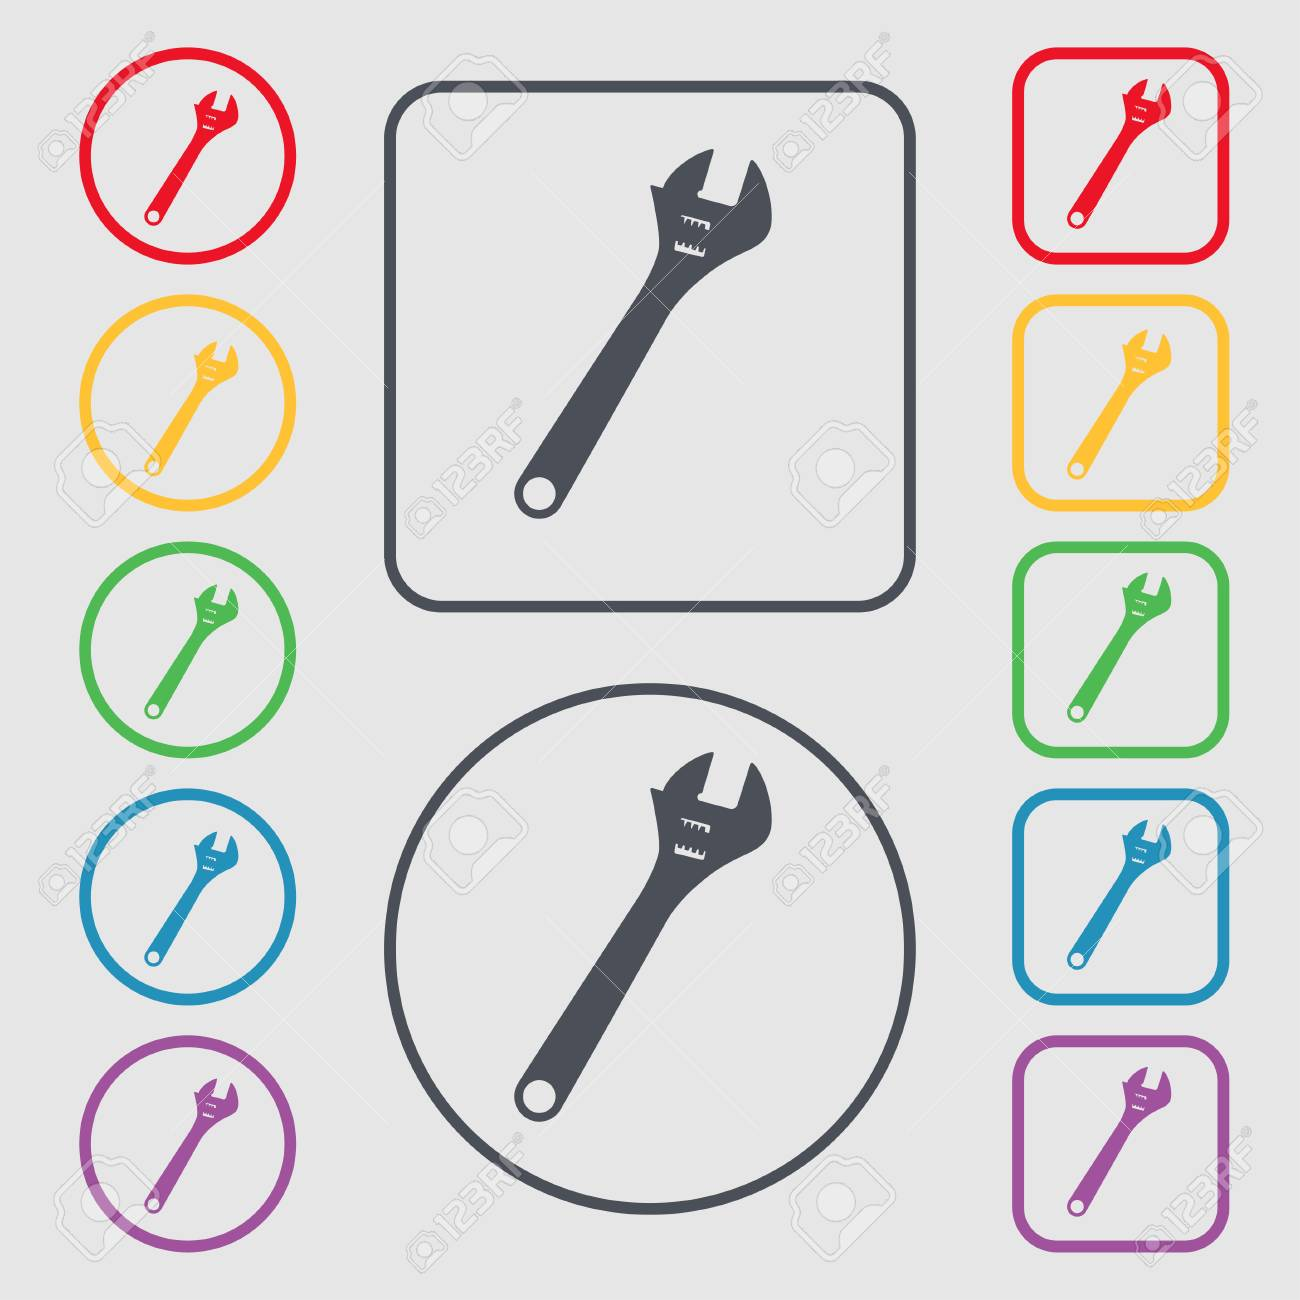 Signo Icono De Llave Inglesa. Símbolo En El Botones Cuadrados Con ...